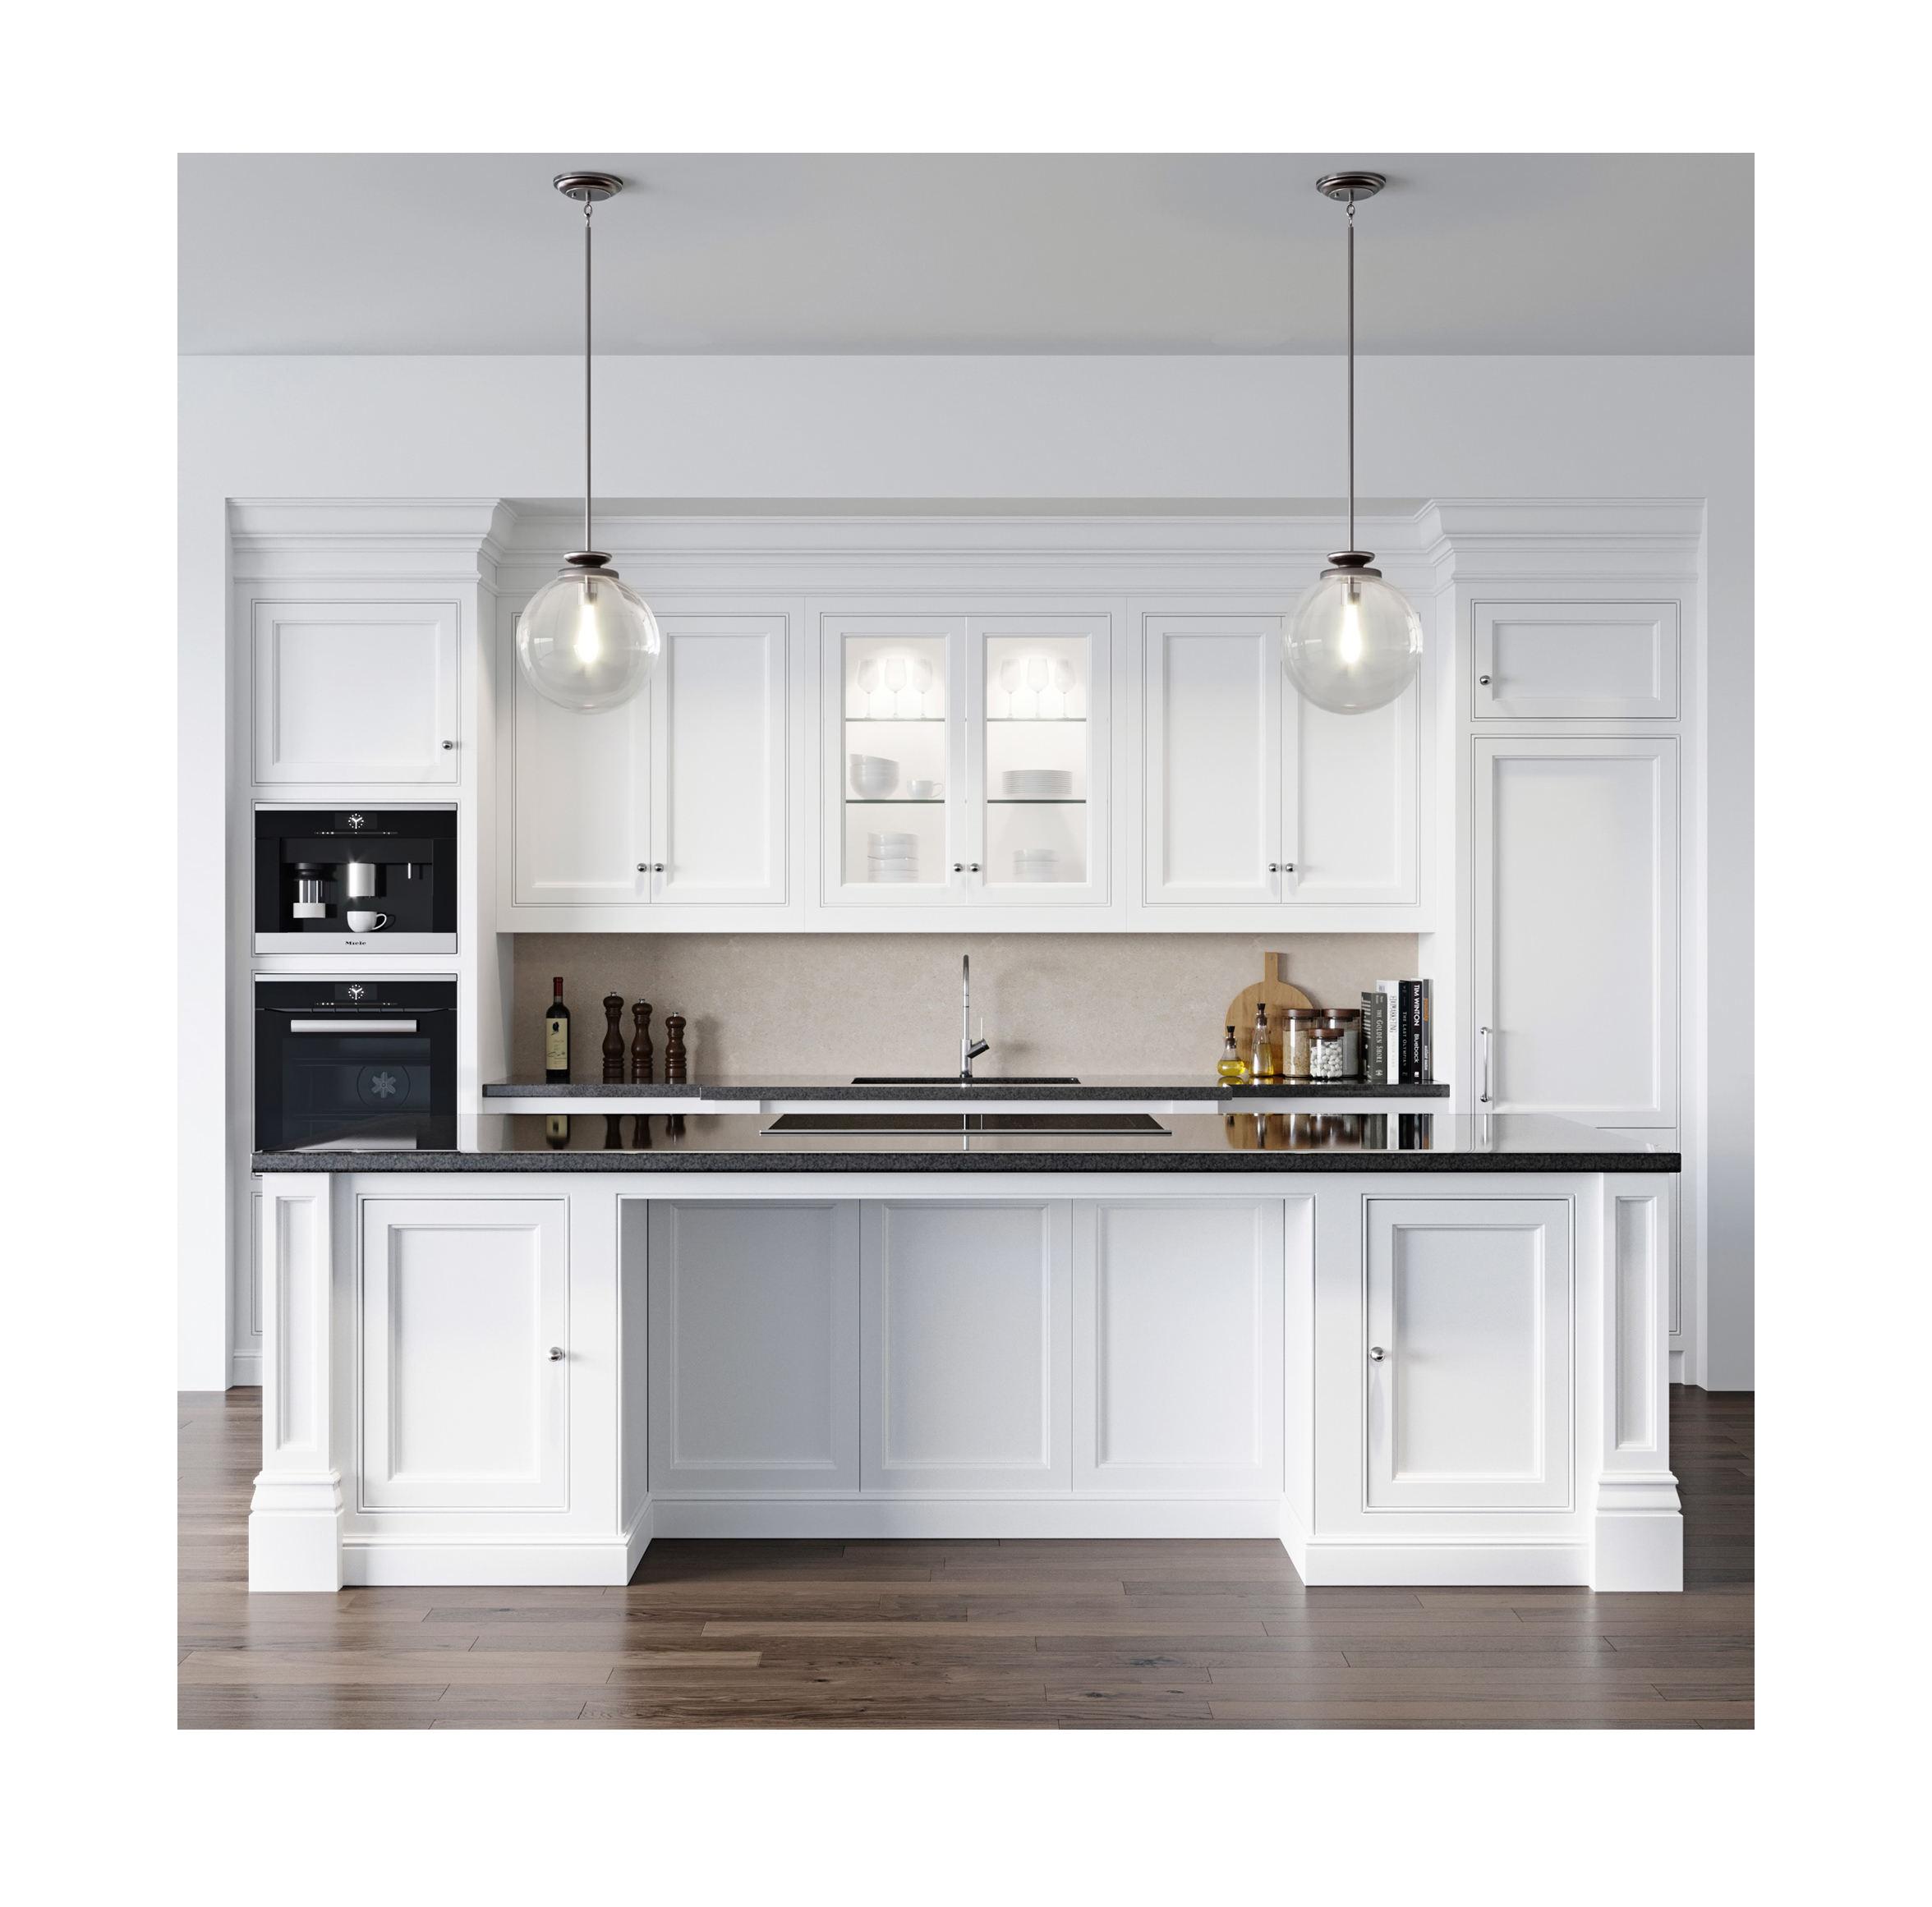 Real de madeira alegre branco pintado antigo estilo Europeu armário de cozinha de madeira